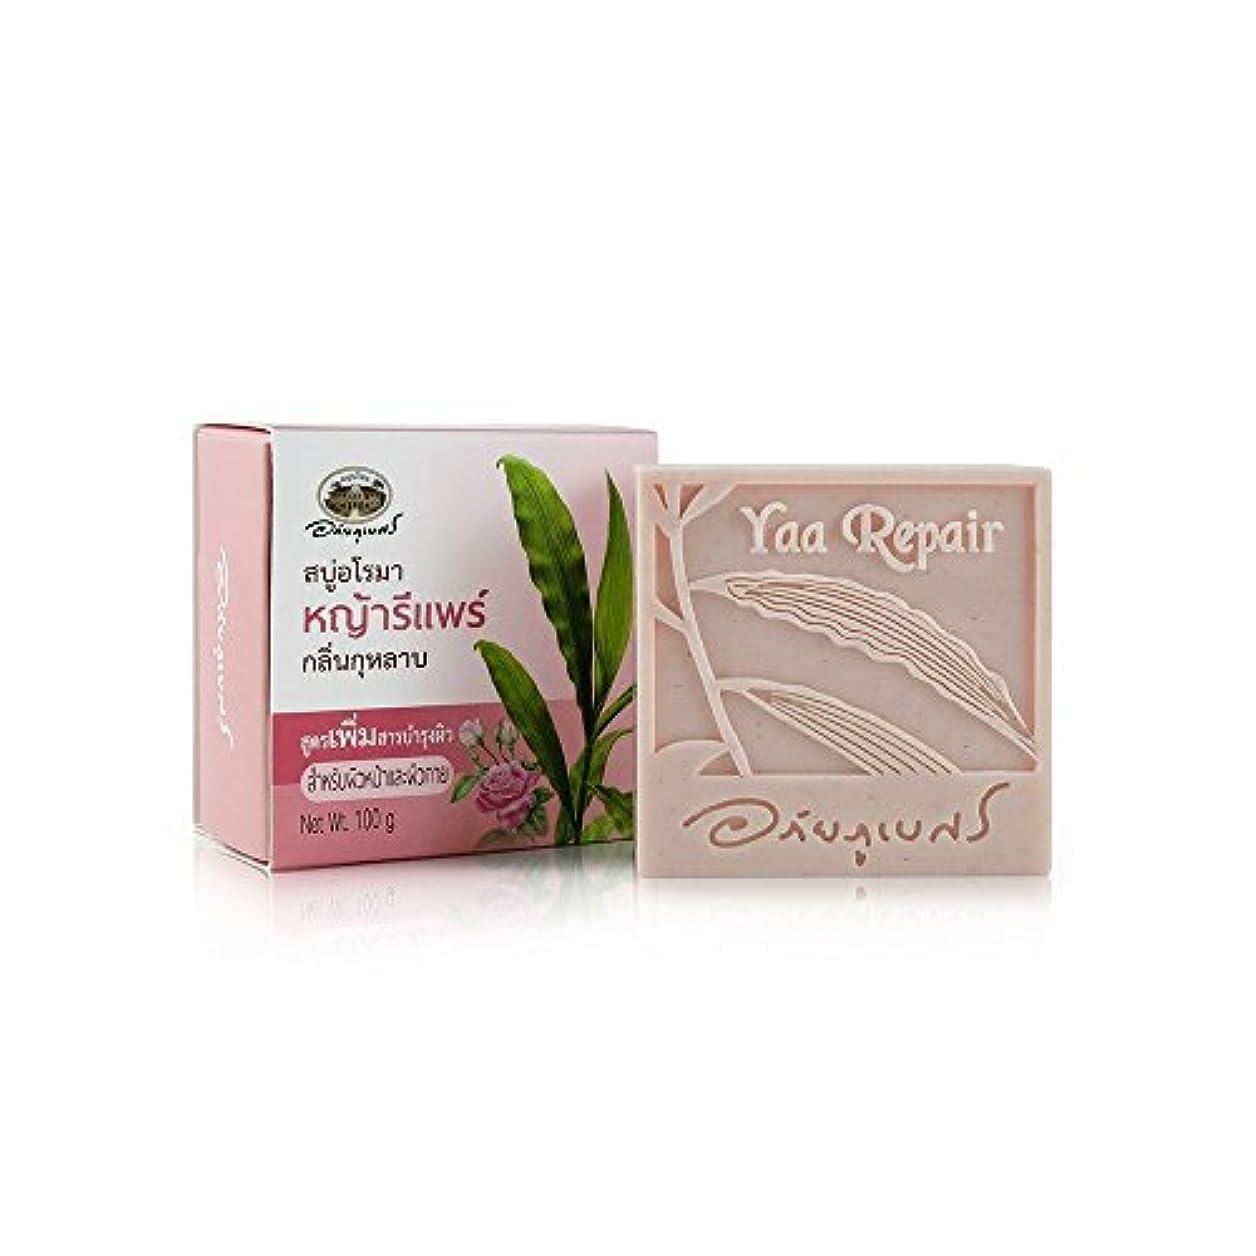 可能にする精査する練習したAbhaibhubejhr Thai Aromatherapy With Rose Skin Care Formula Herbal Body Face Cleaning Soap 100g. Abhaibhubejhr...